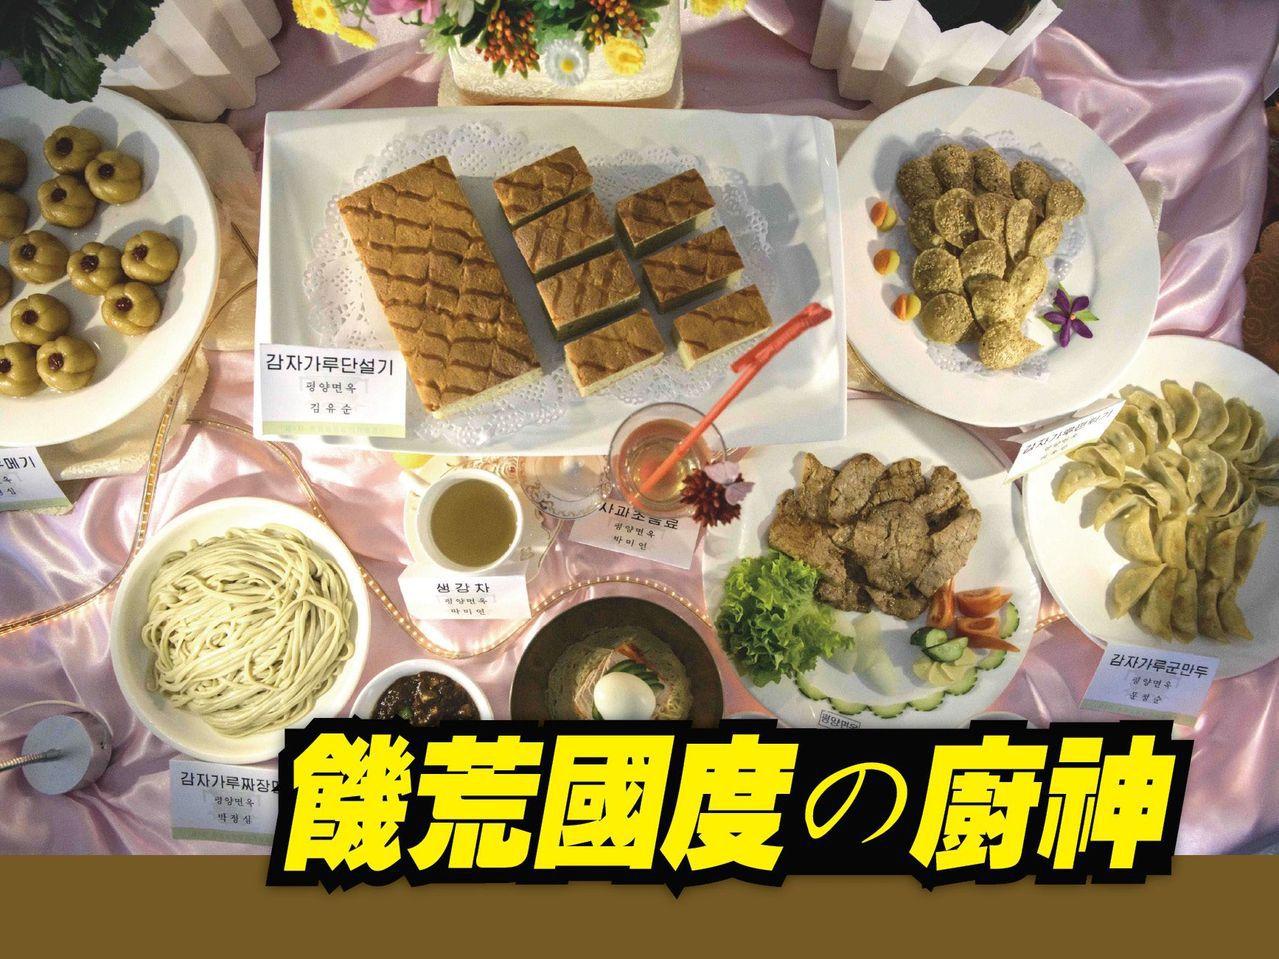 北韓努力推廣馬鈴薯成為主食,桌上為用馬鈴薯粉製成的各色佳餚。(法新社)